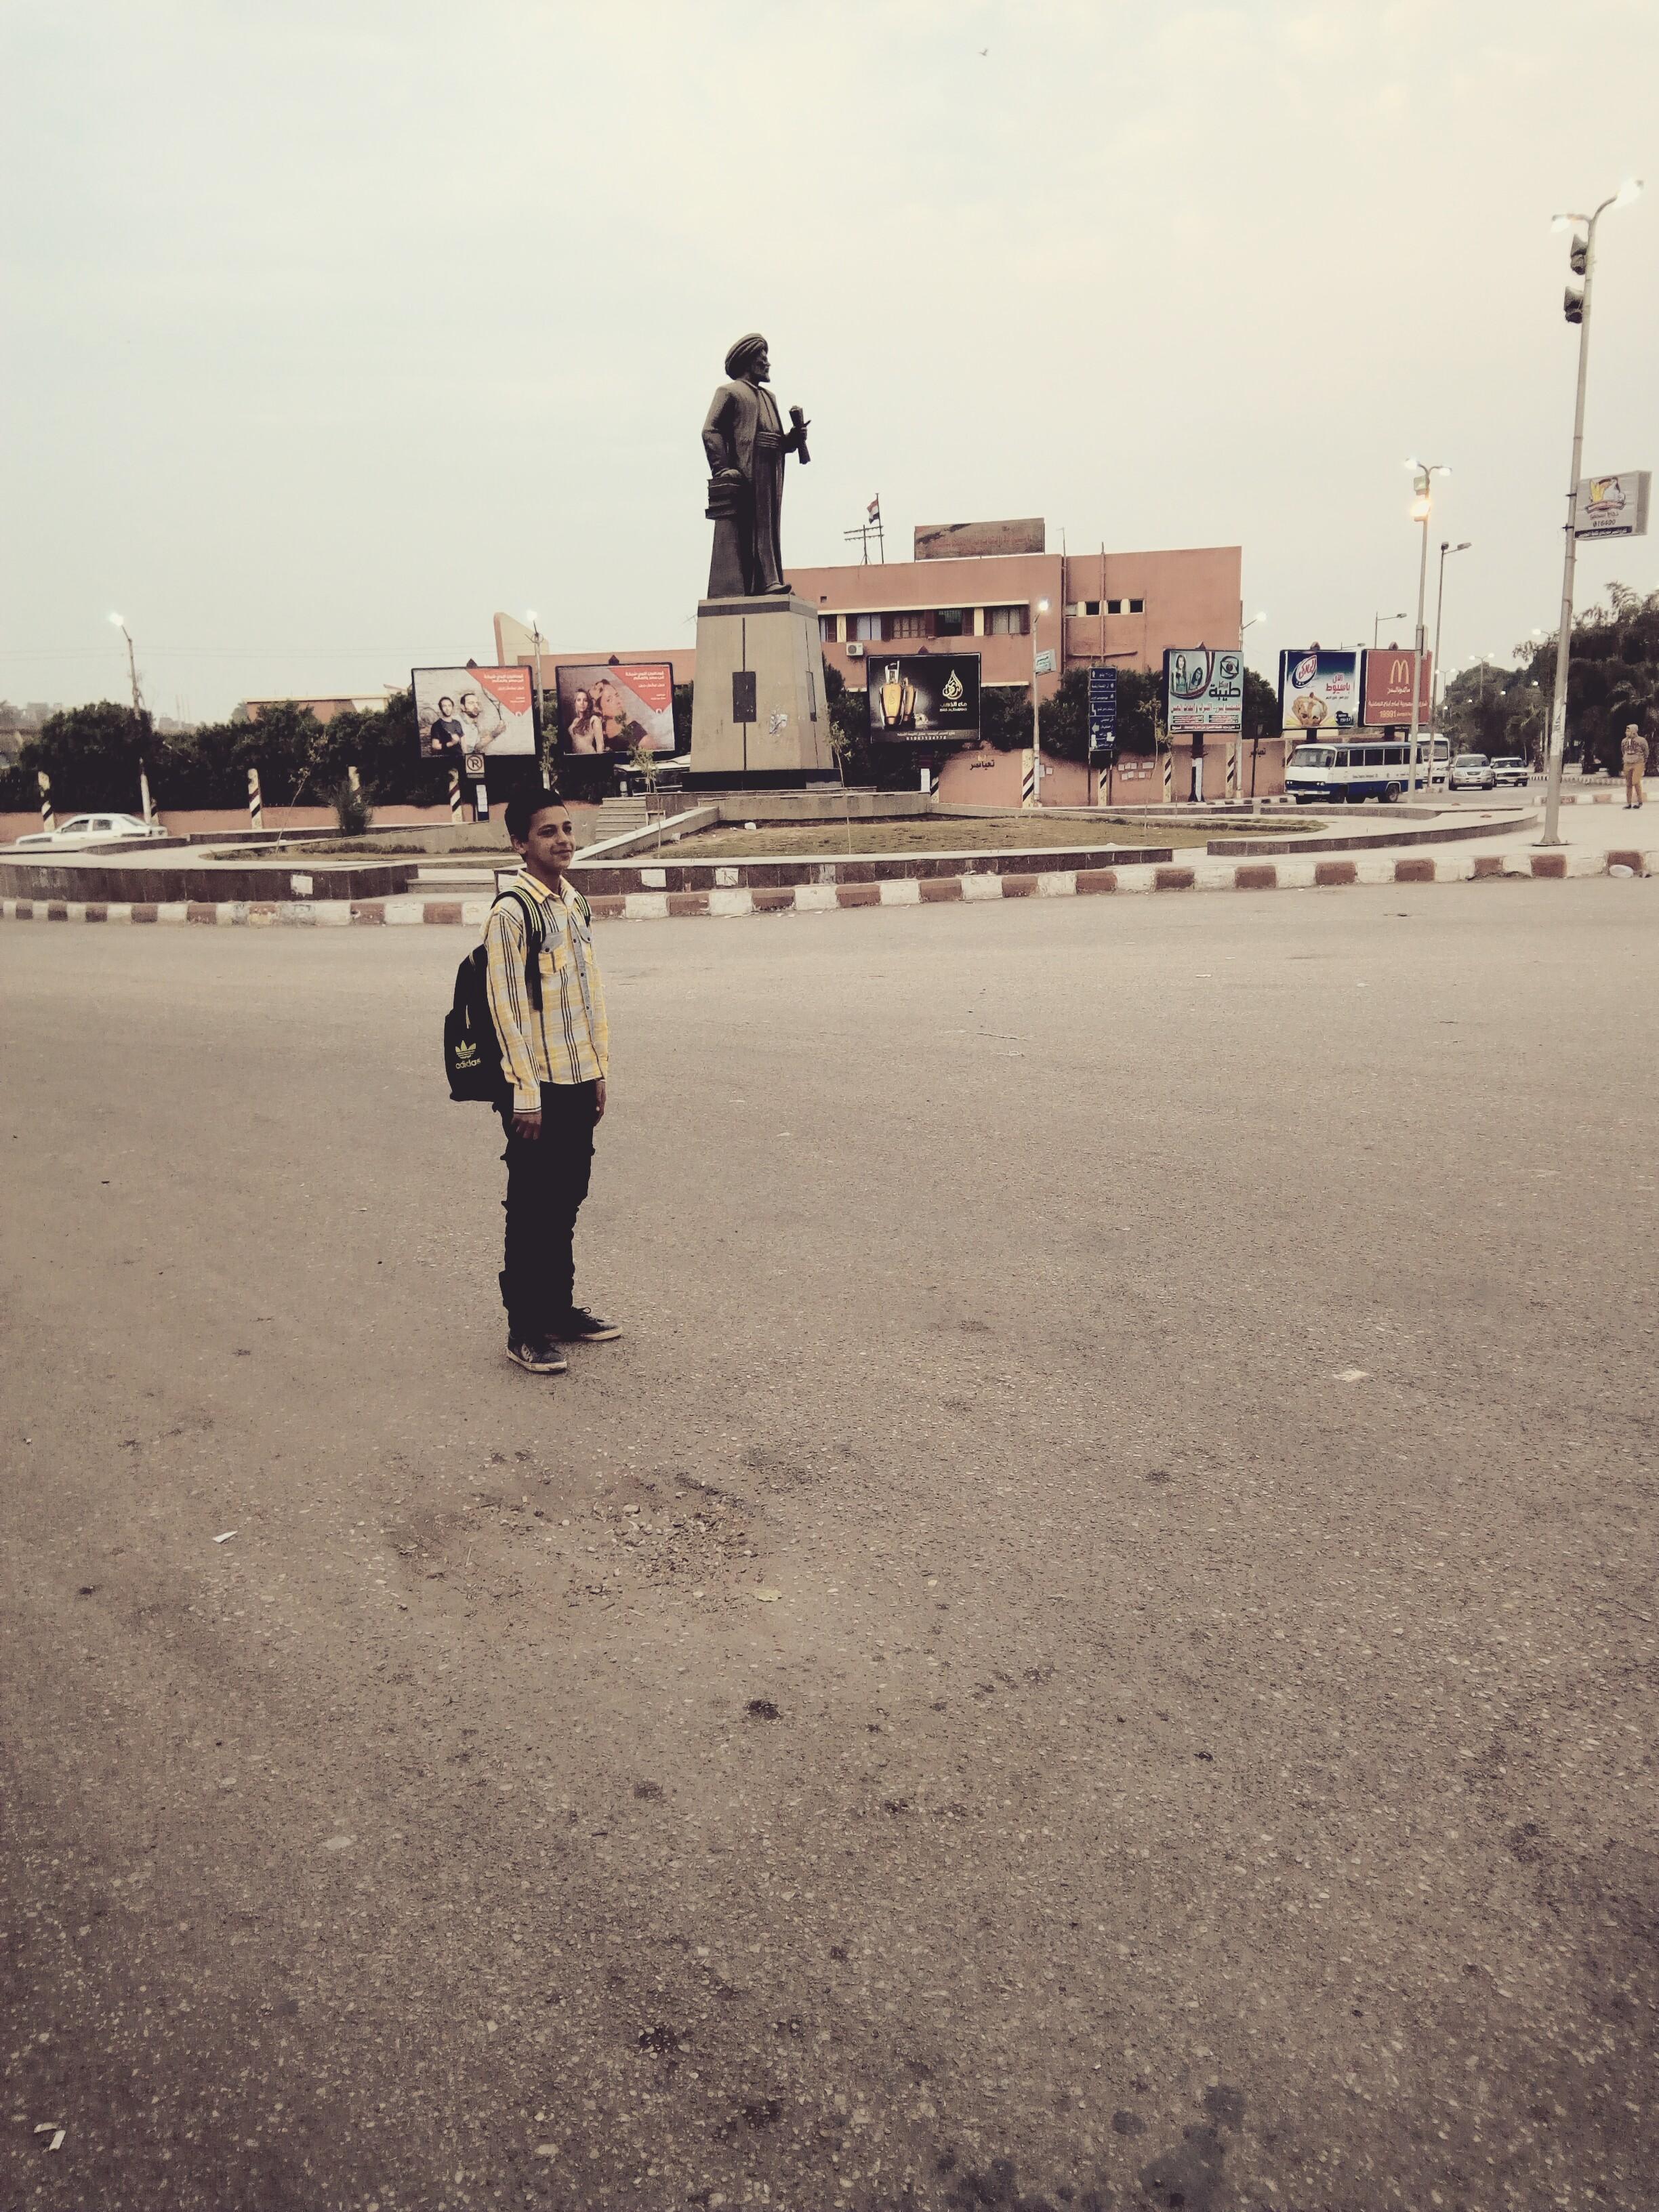 File:تمثال رفاعة رافع الطهطاوي امام جامعة اسيوط.jpg